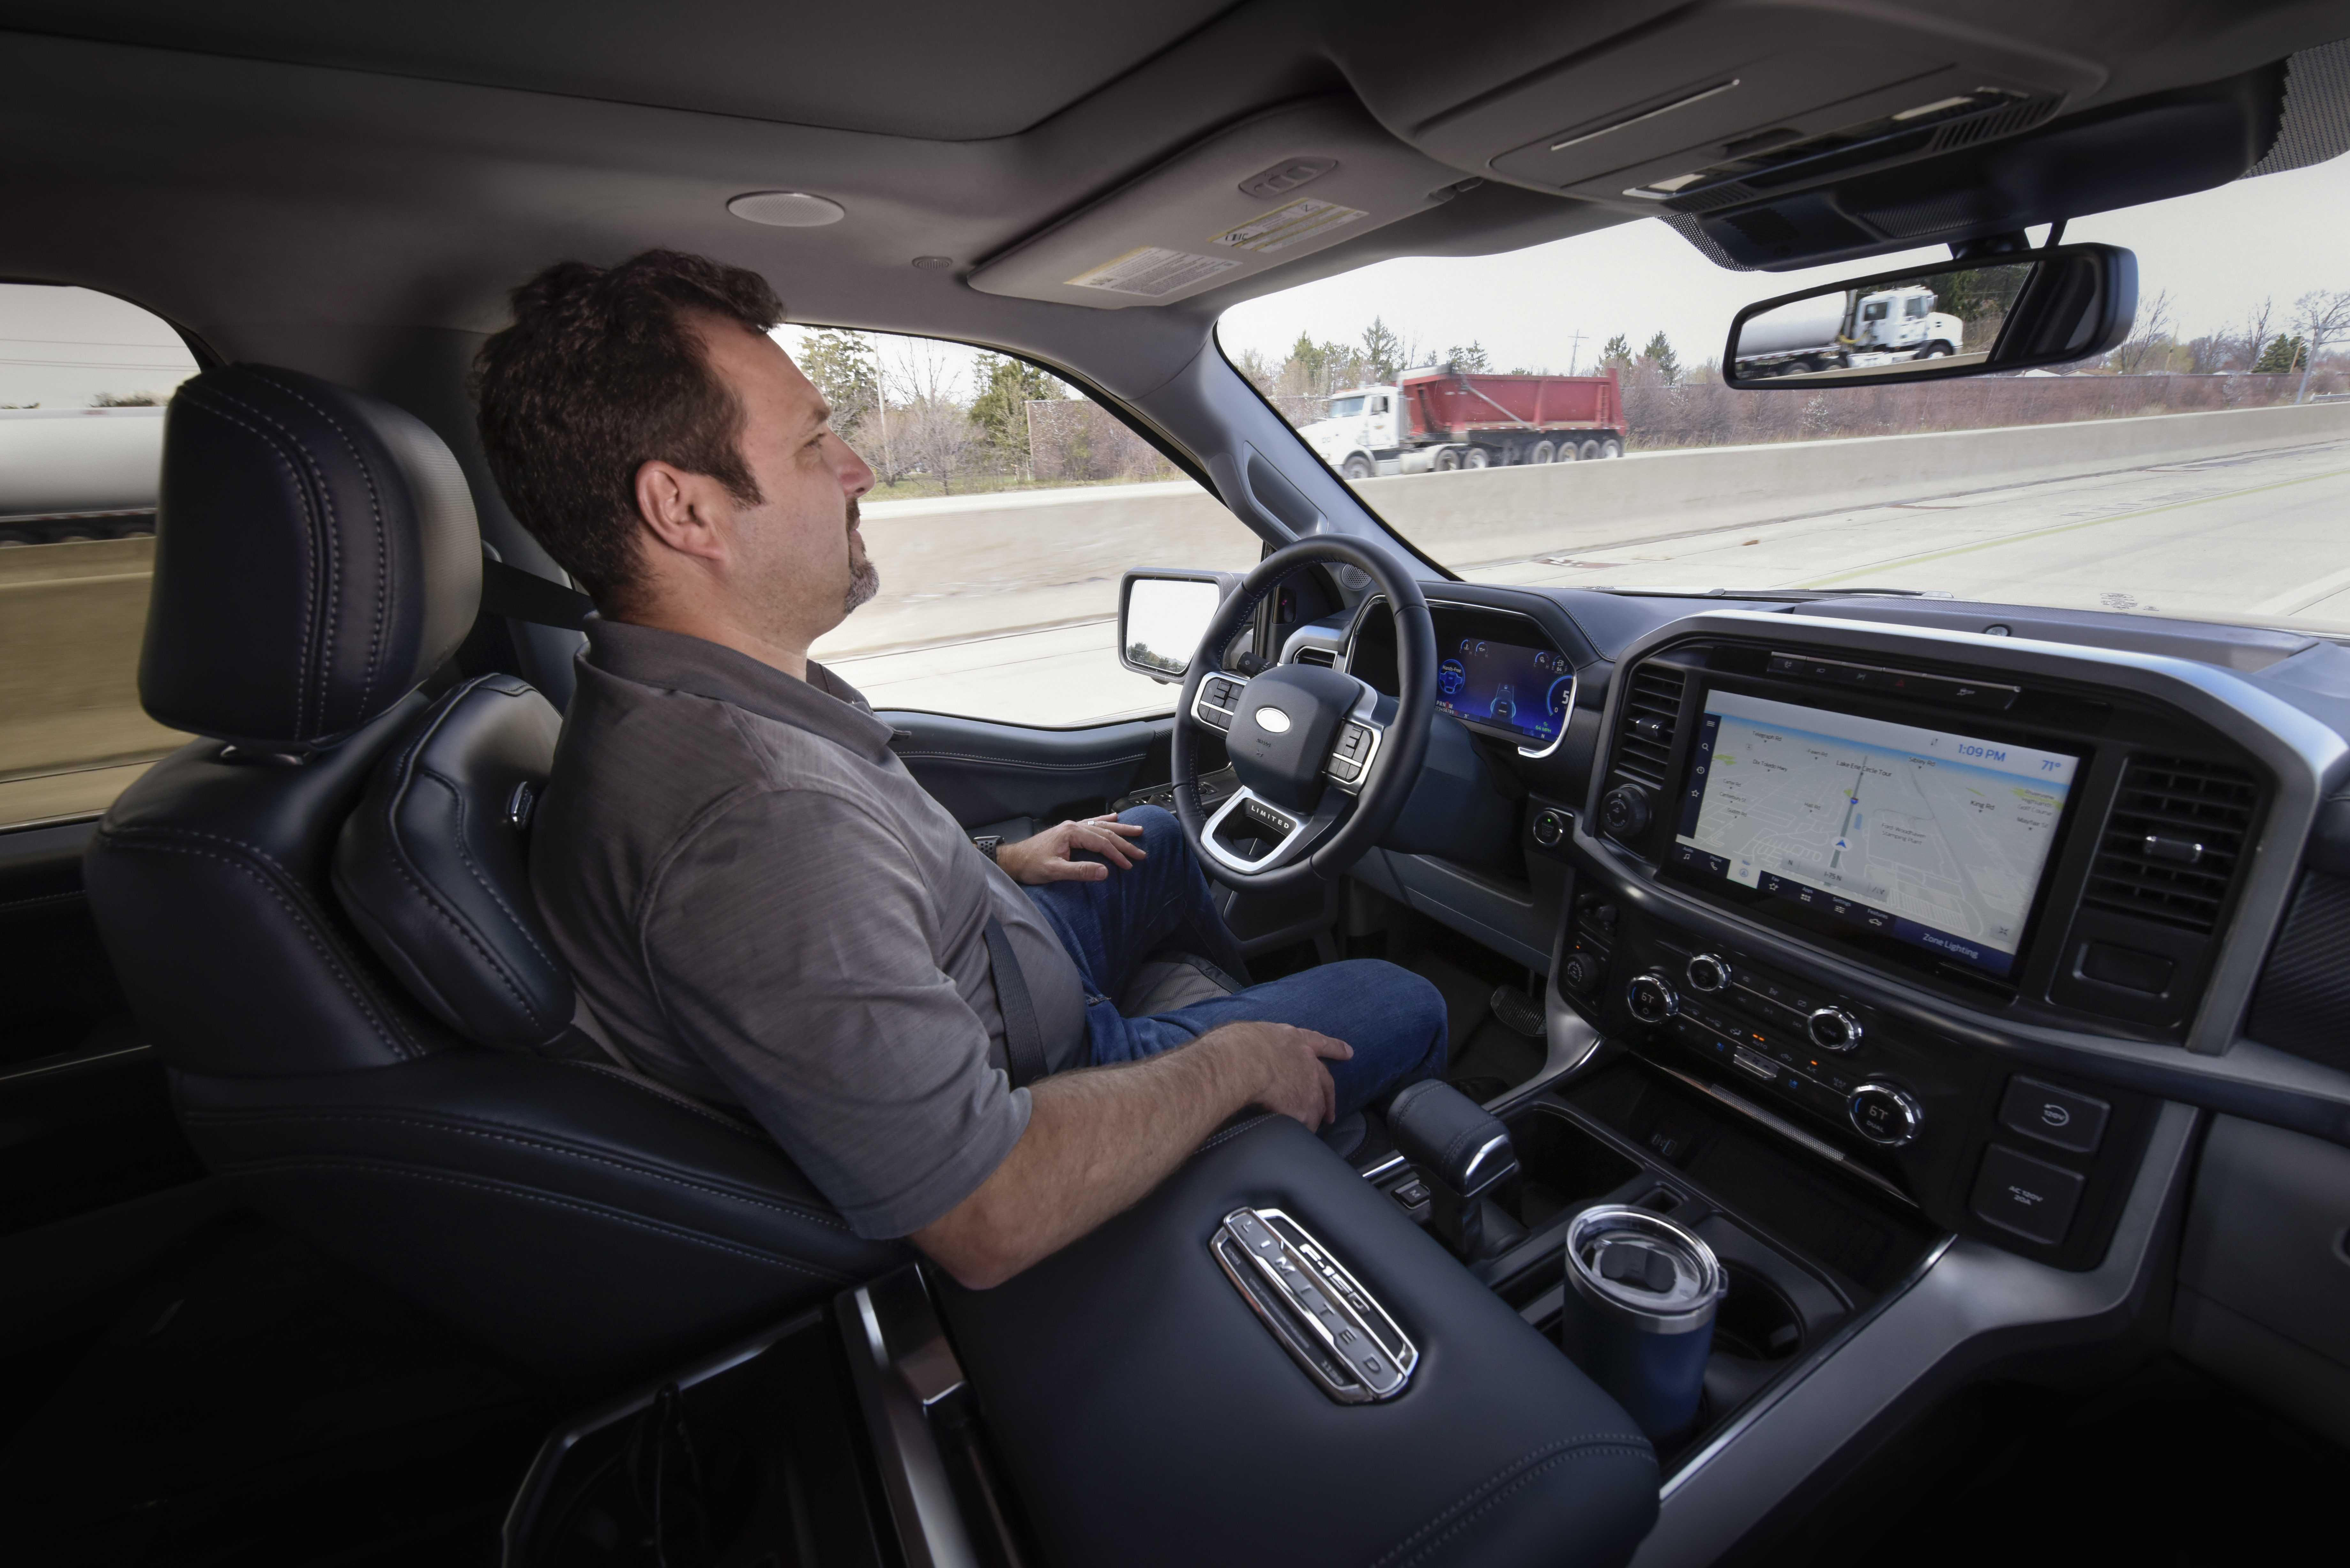 Blue Cruise, ou quand votre Ford devient presque autonome